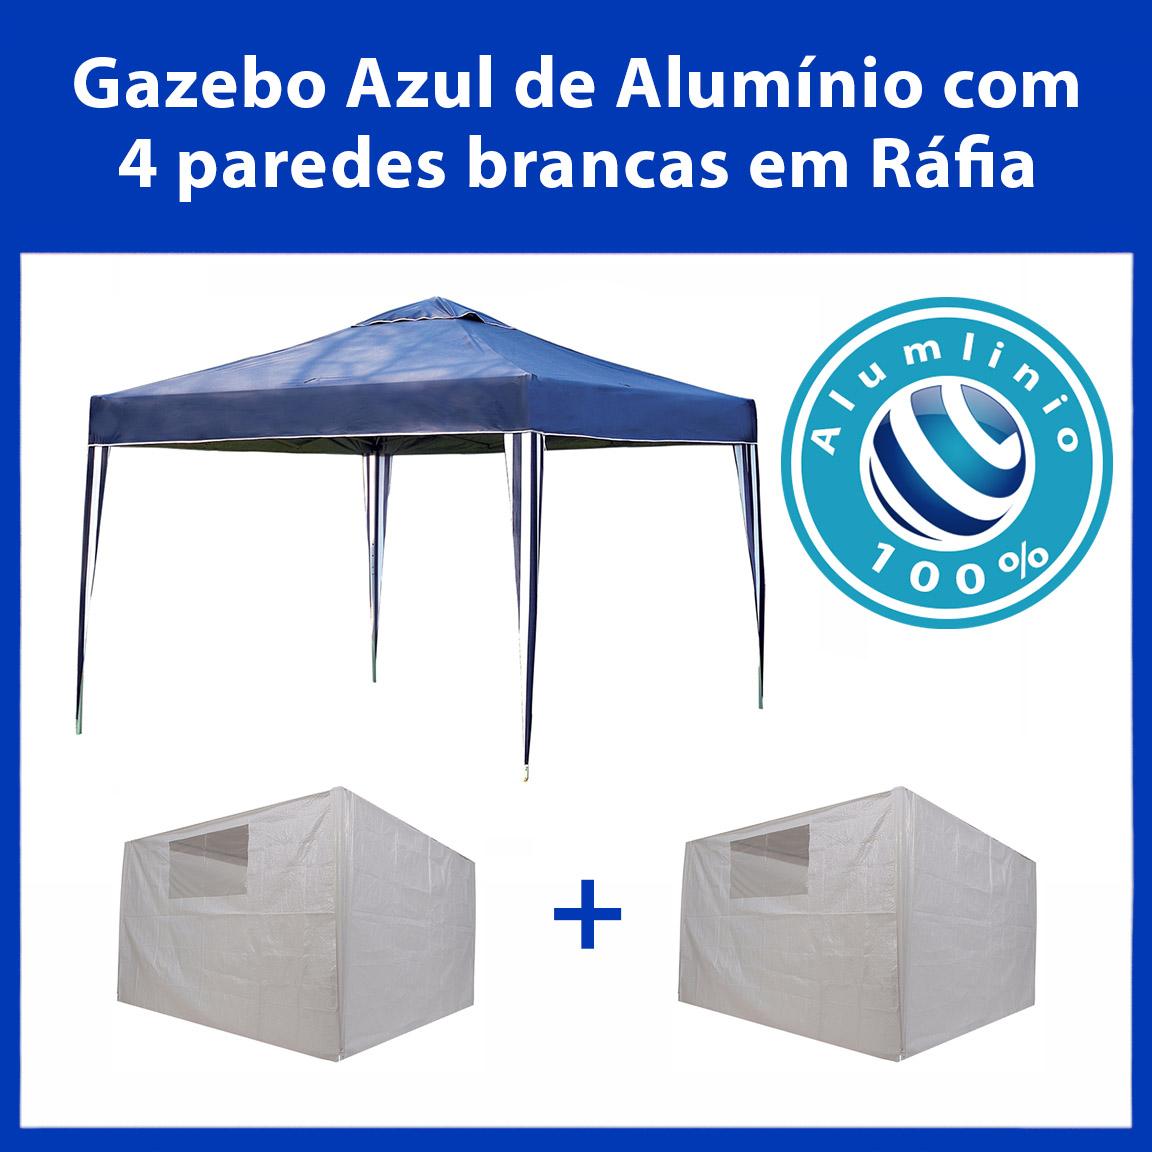 Gazebo 3x3 Articulado 100% Alumínio + 4 Paredes Brancas de Ráfia Eleva Mundi - Azul